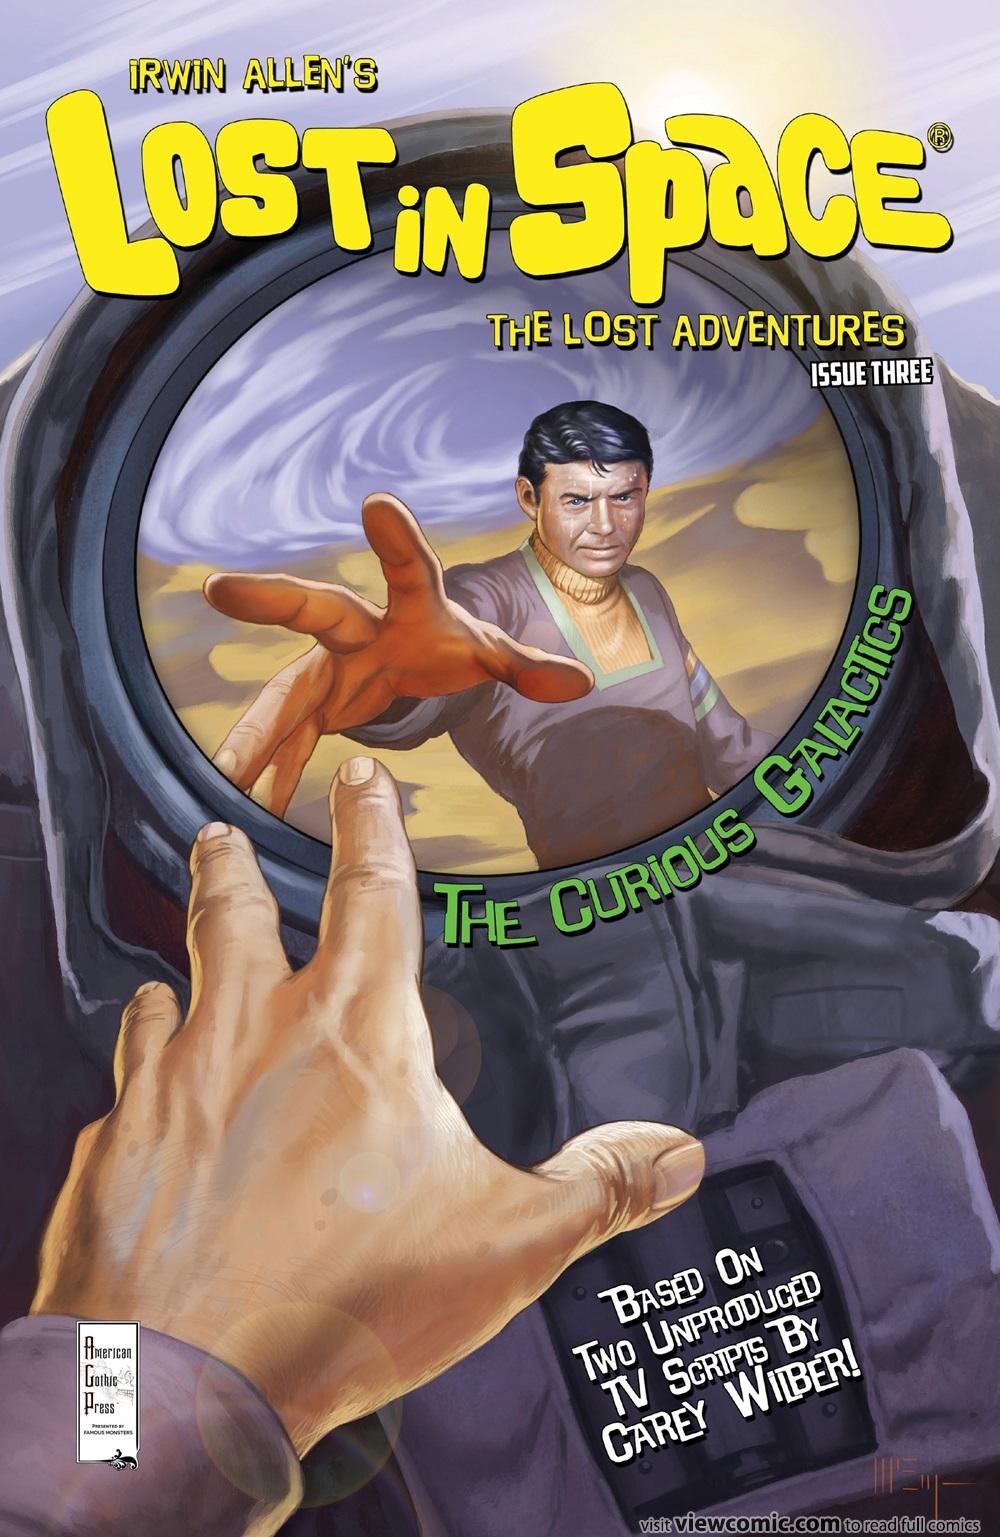 Irwin Allen's Lost in Space – The Lost Adventures